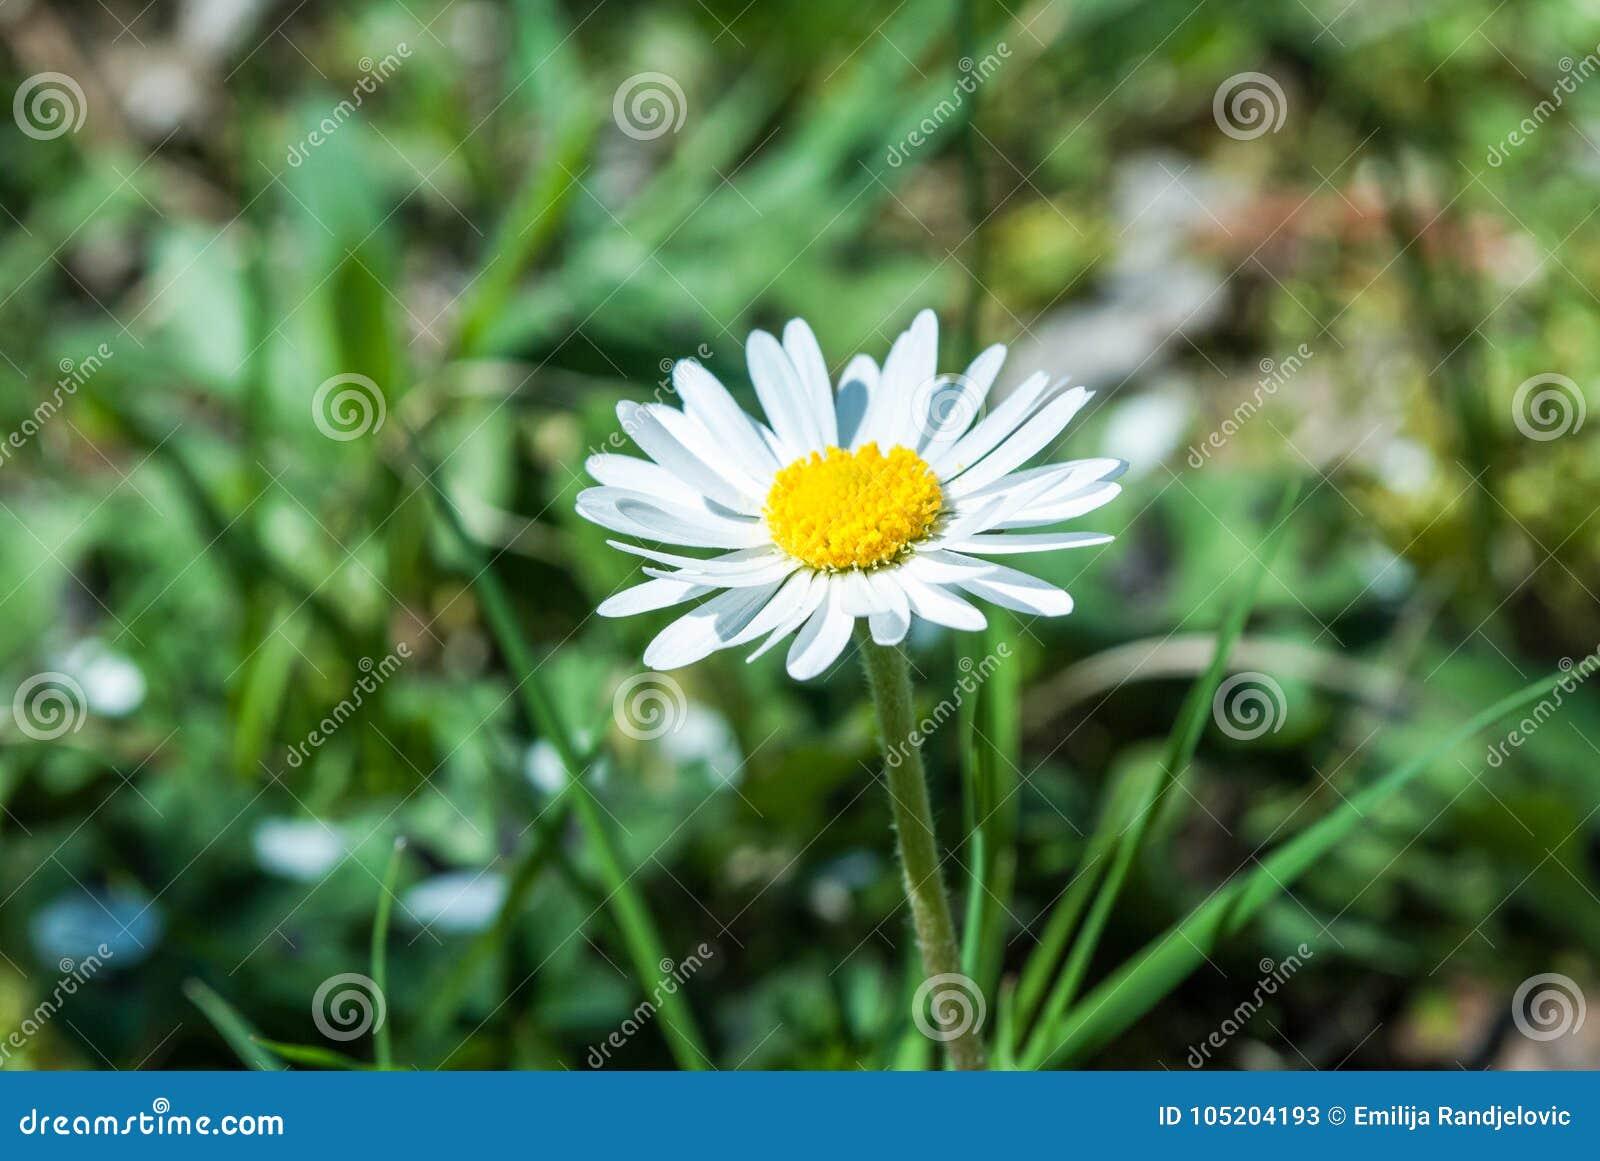 Fin de fleur de marguerite une journée de printemps en nature